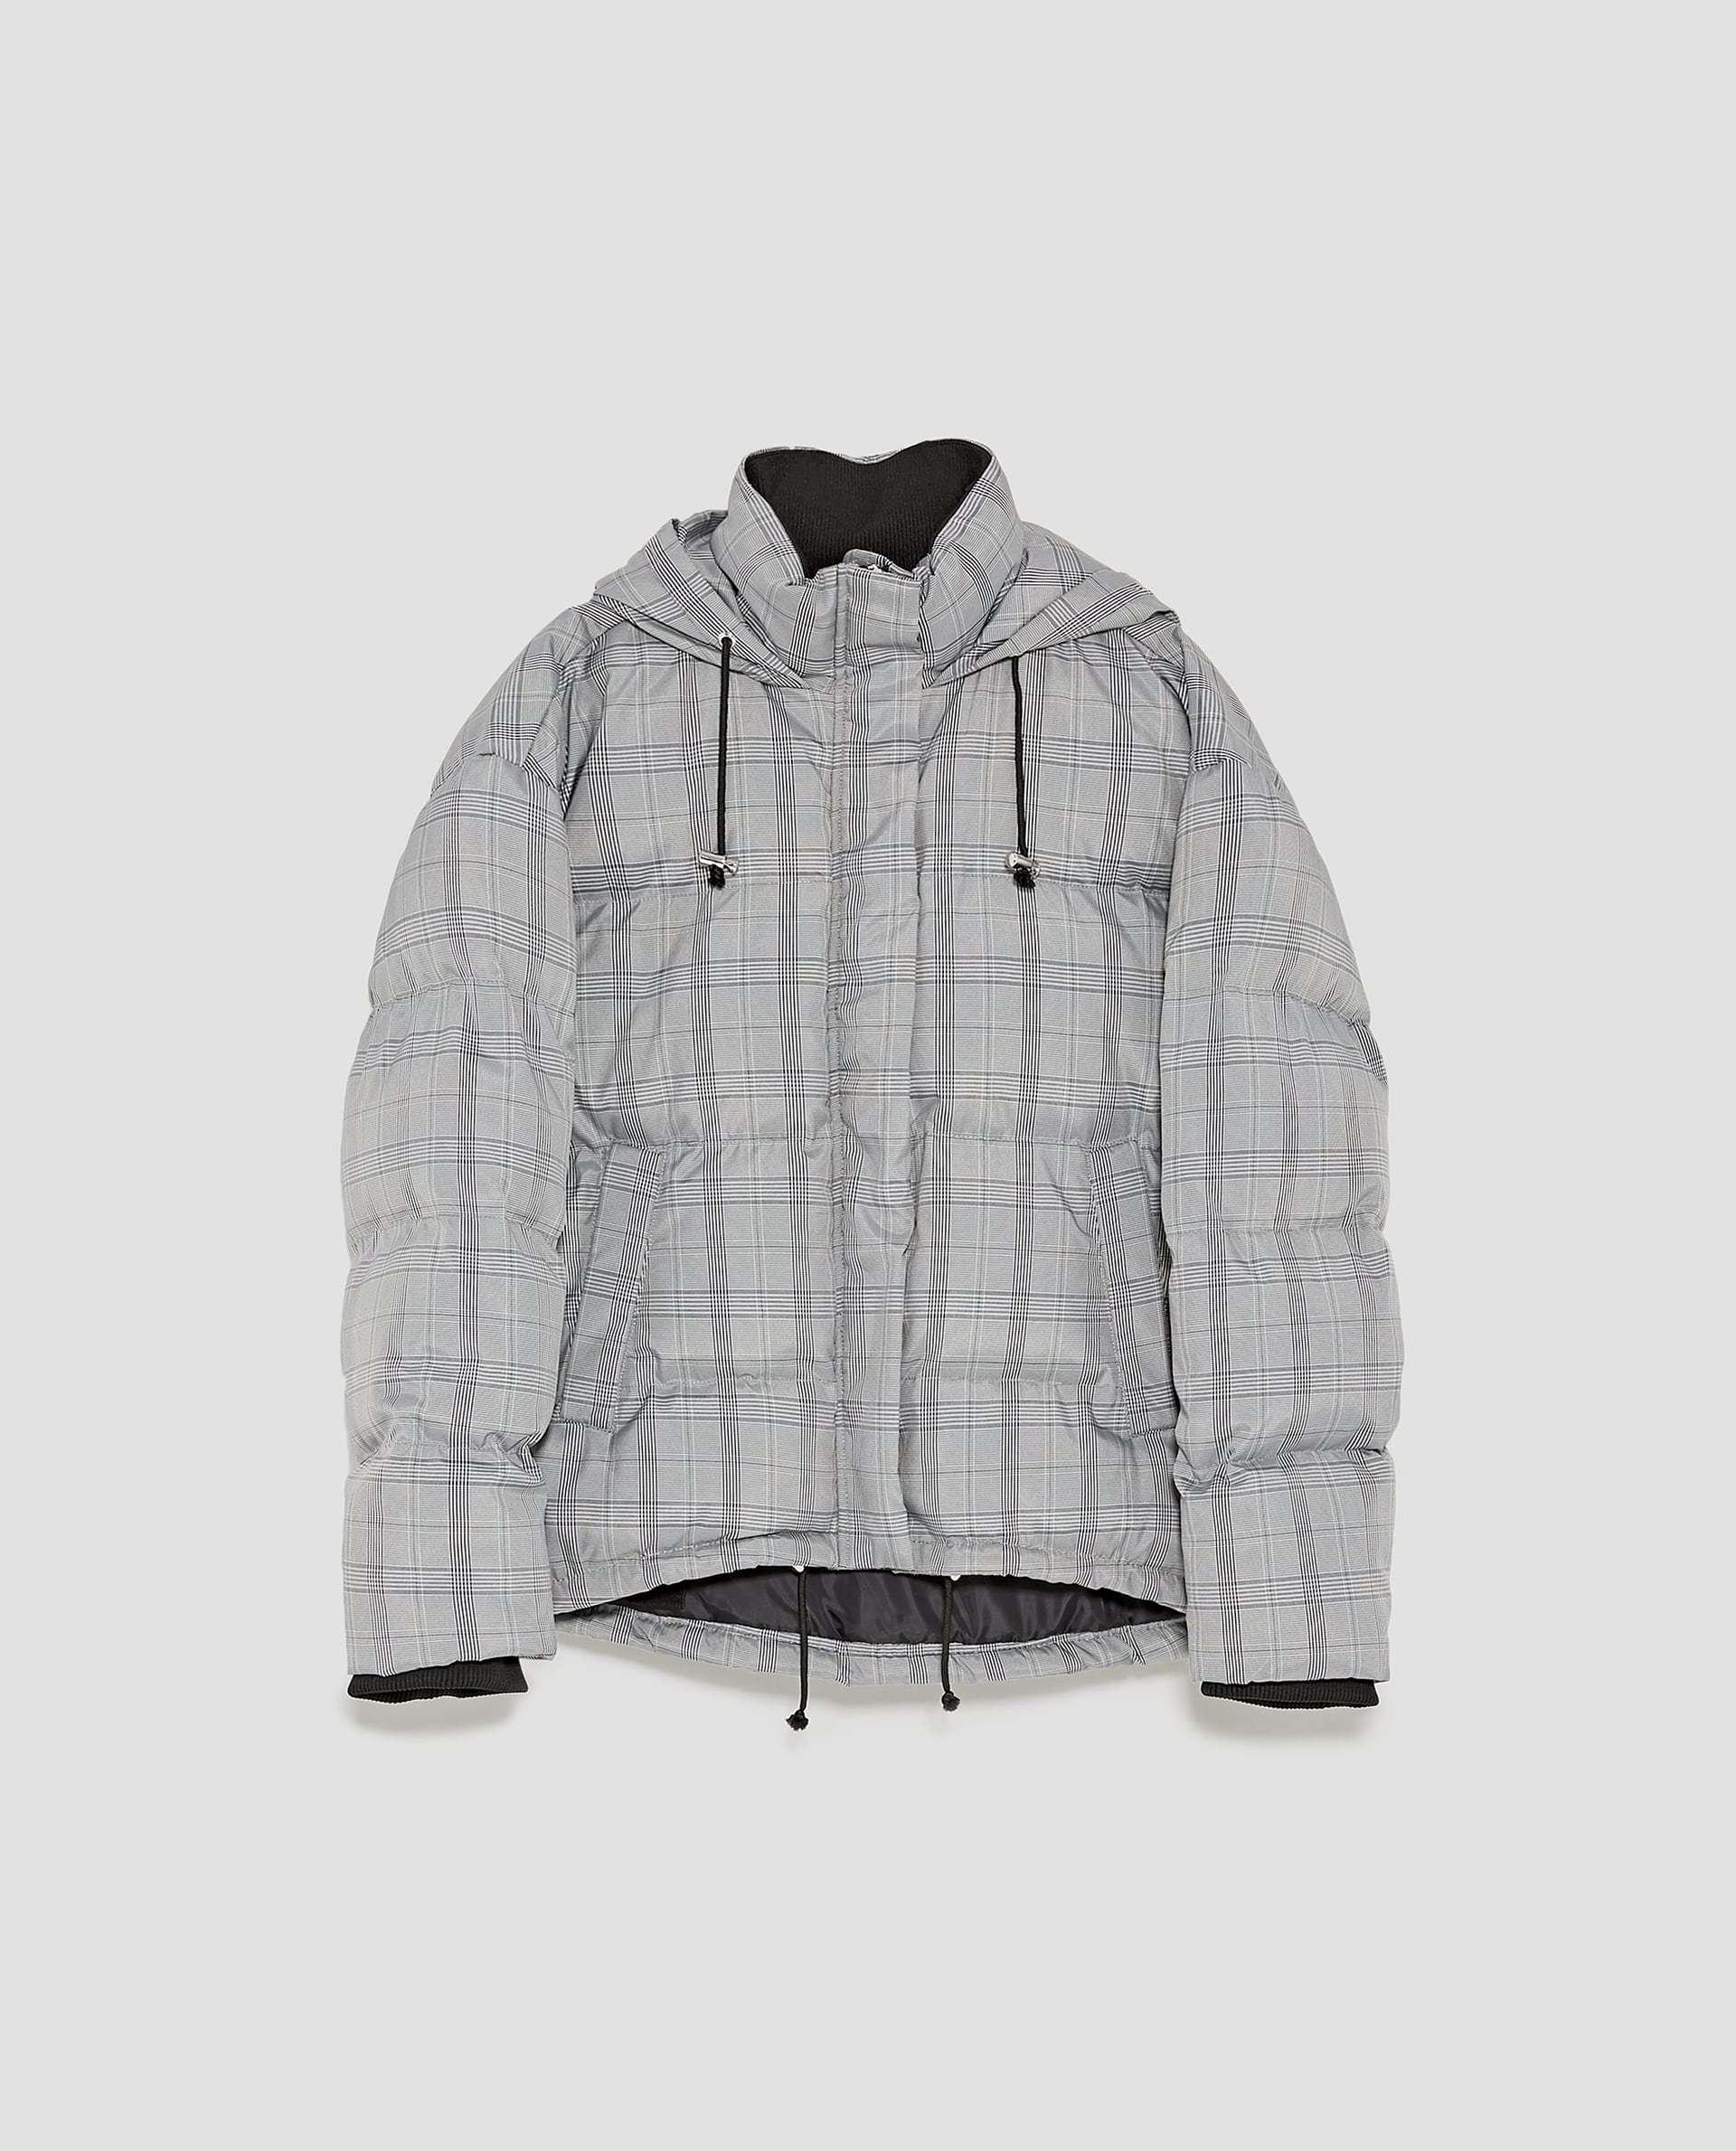 Abrigo acolchado de cuadros Zara (19,99 euros)